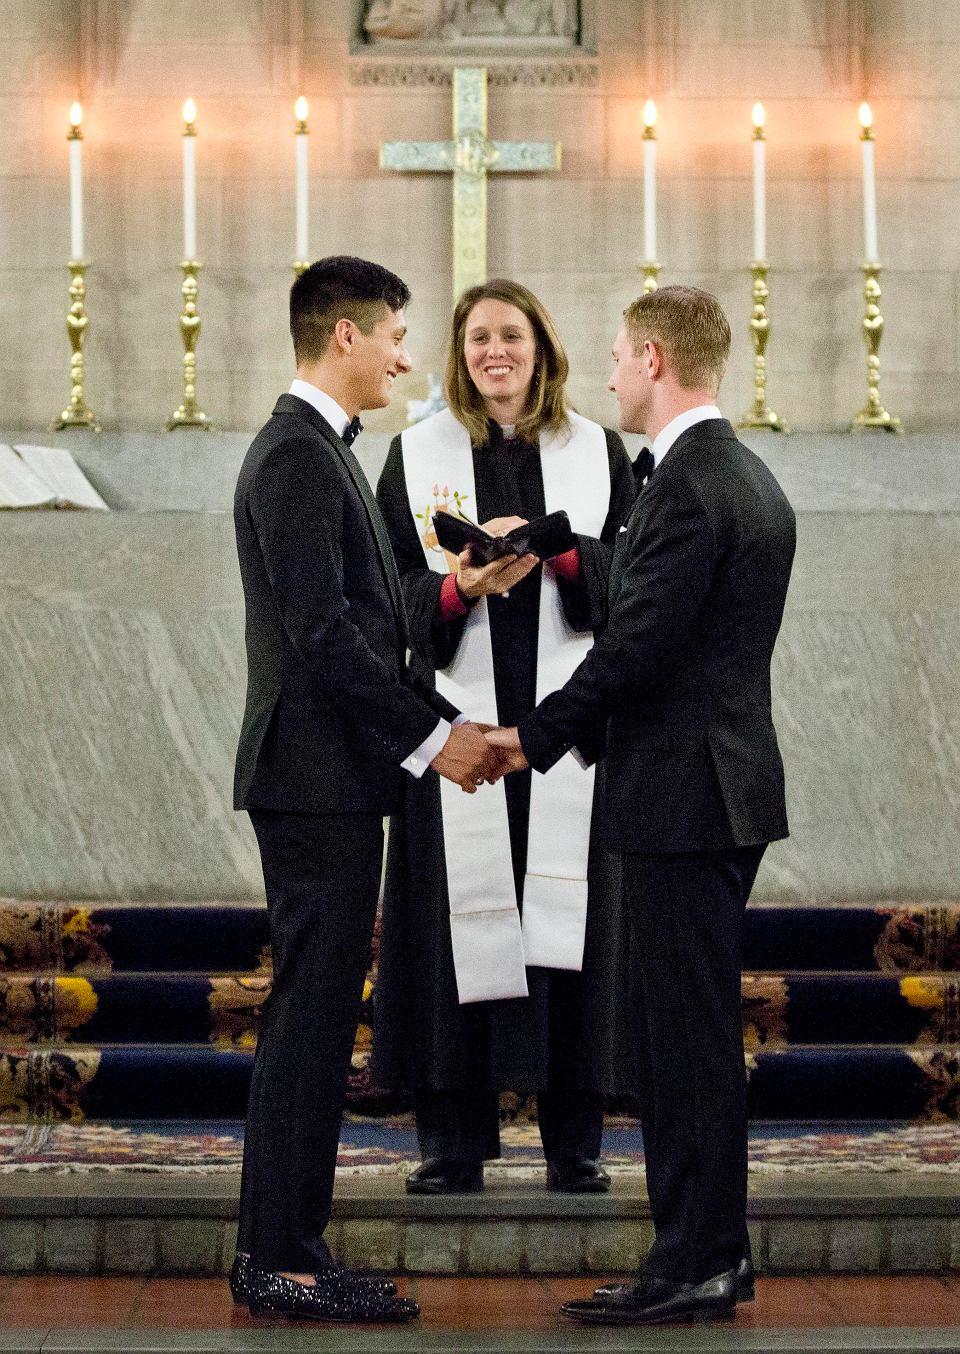 Historyczny ślub Gejów W Akademii West Point Zdjęcie Nr 2